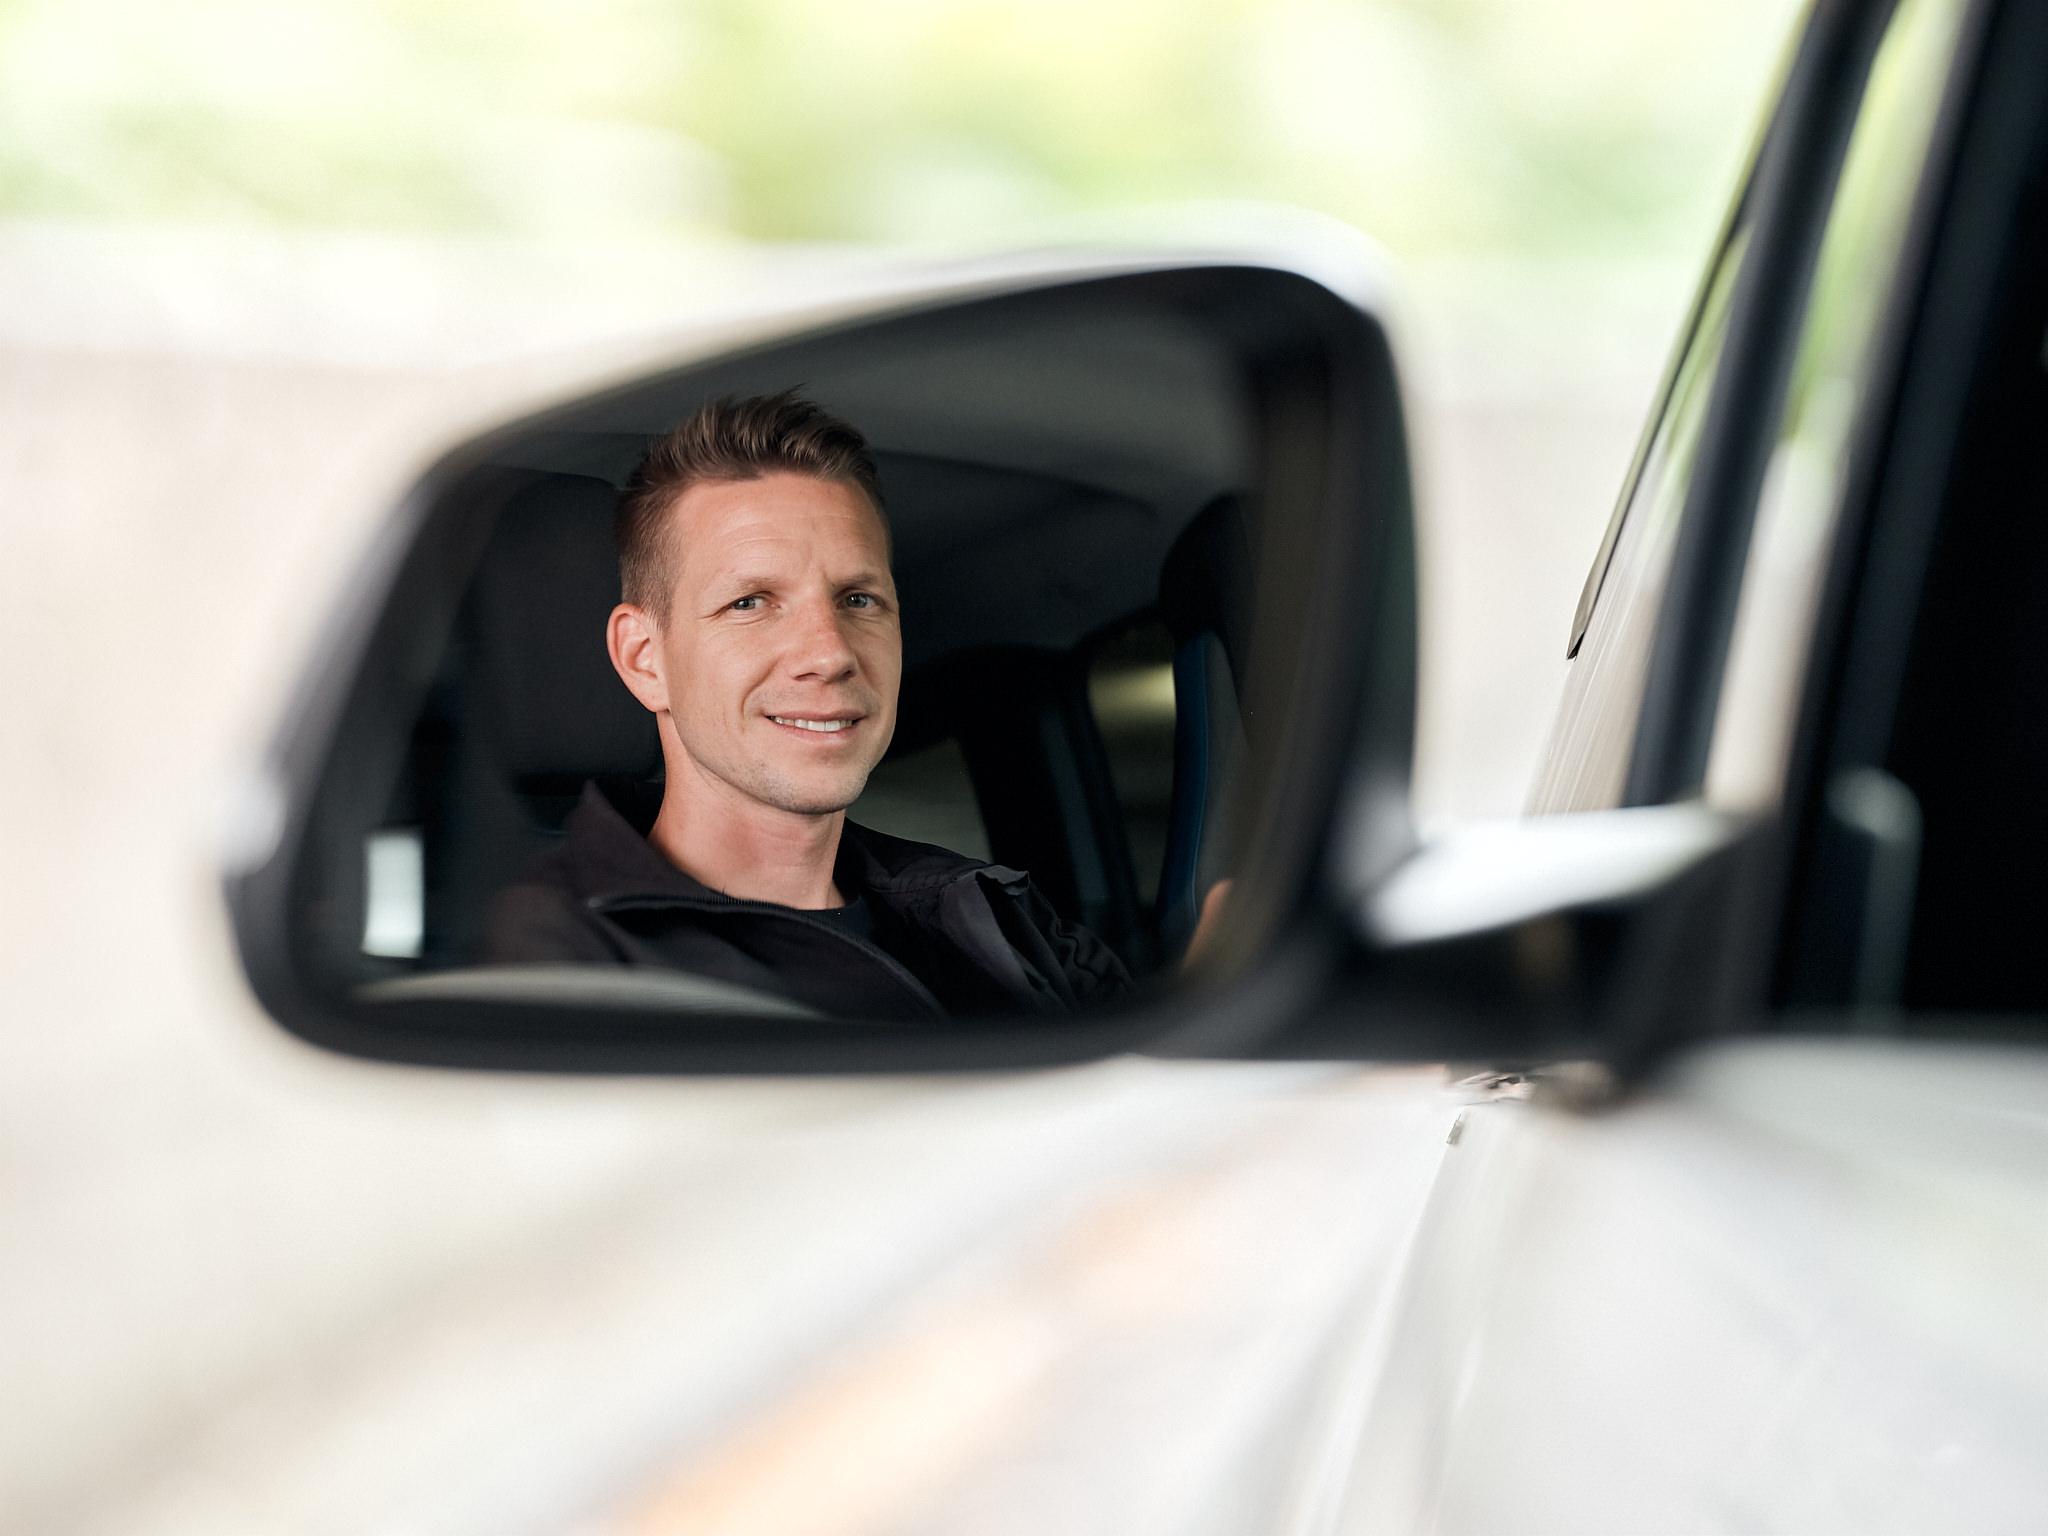 Spiegelung Matthias Ostermeier im Rückspiegel eines Elektroautos